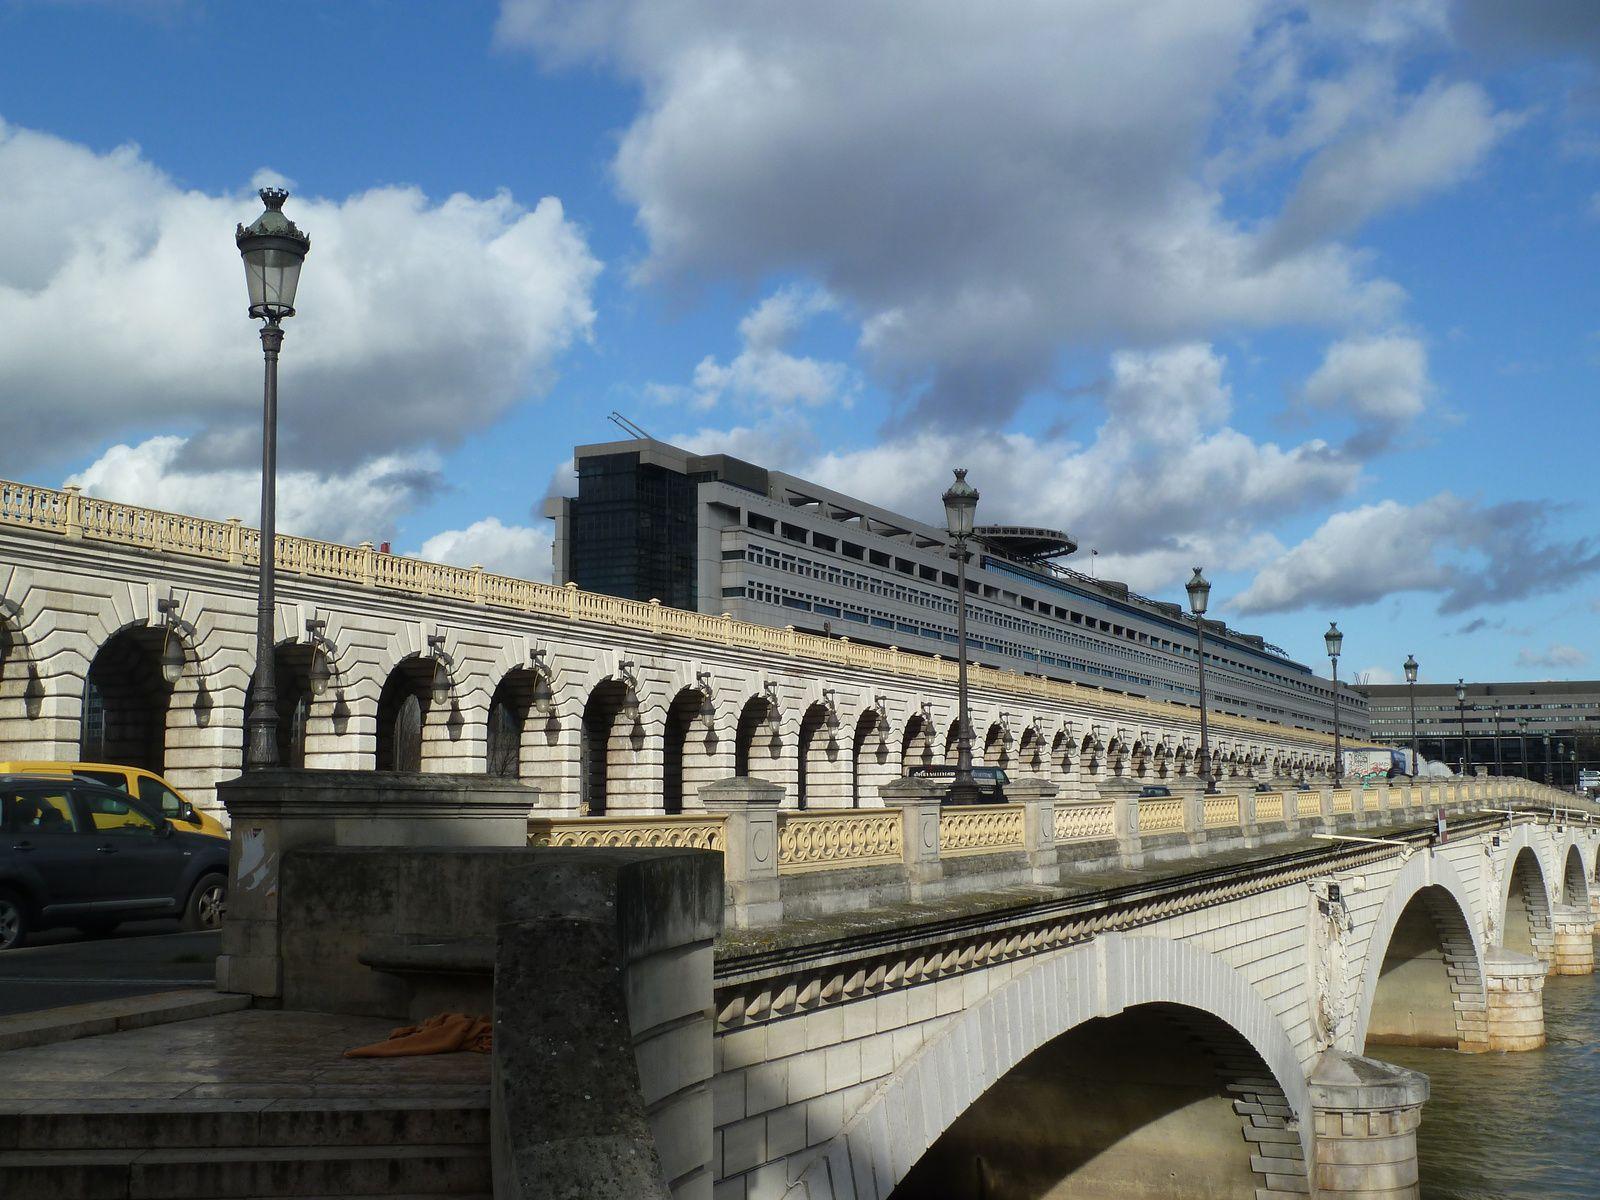 Le pont de Bercy dessus, dessous. La Seine vue du Quai de la Gare, le Port de la Rapée.